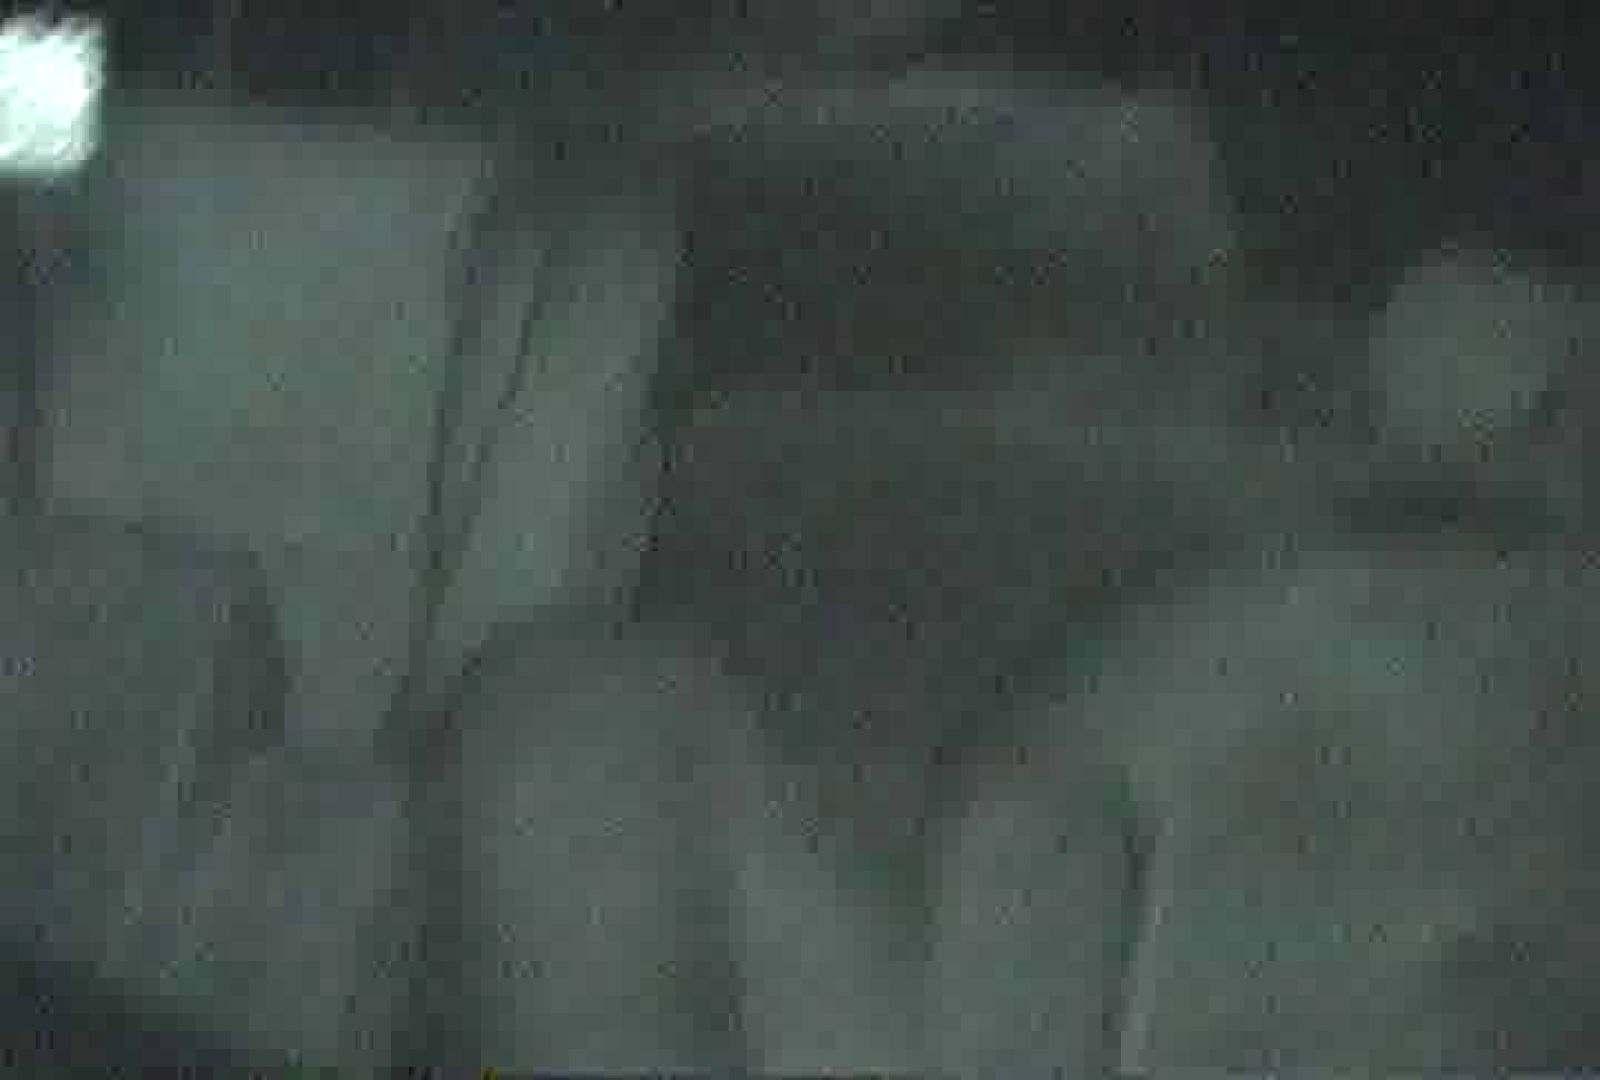 充血監督の深夜の運動会Vol.57 OLの実態  73pic 28